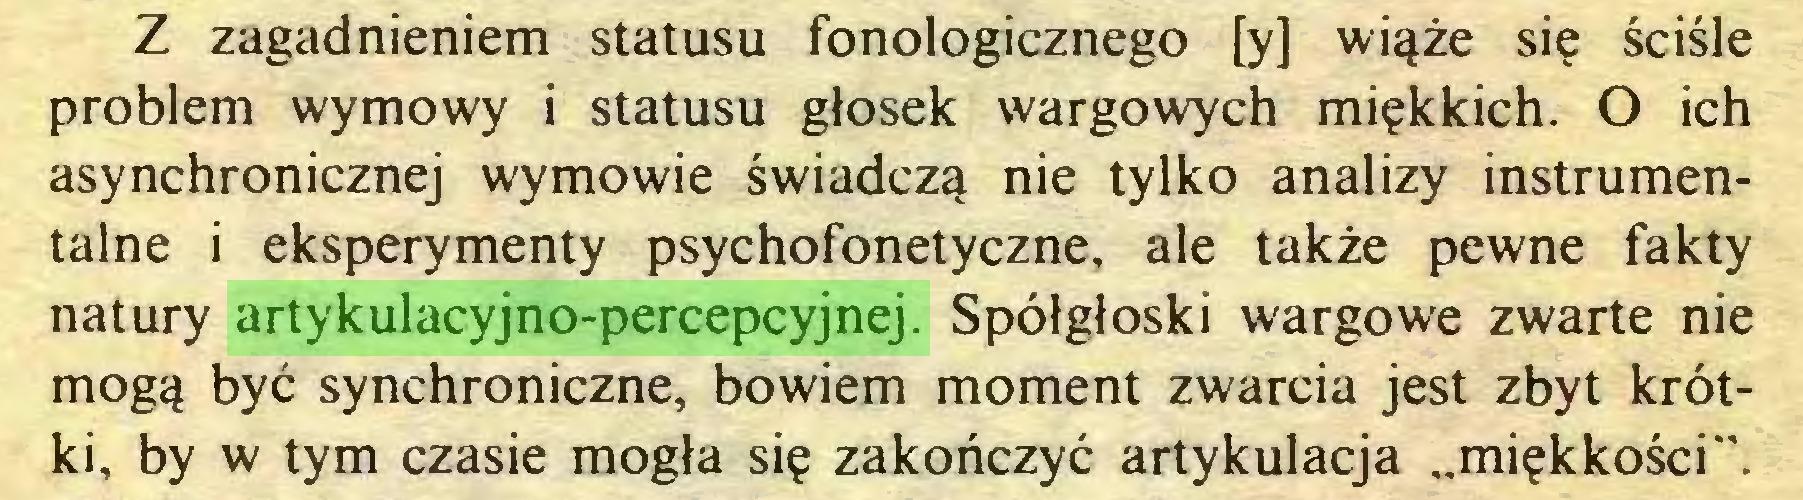 """(...) Z zagadnieniem statusu fonologicznego [y] wiąże się ściśle problem wymowy i statusu głosek wargowych miękkich. O ich asynchronicznej wymowie świadczą nie tylko analizy instrumentalne i eksperymenty psychofonetyczne, ale także pewne fakty natury artykulacyjno-percepcyjnej. Spółgłoski wargowe zwarte nie mogą być synchroniczne, bowiem moment zwarcia jest zbyt krótki, by w tym czasie mogła się zakończyć artykulacja """"miękkości""""..."""